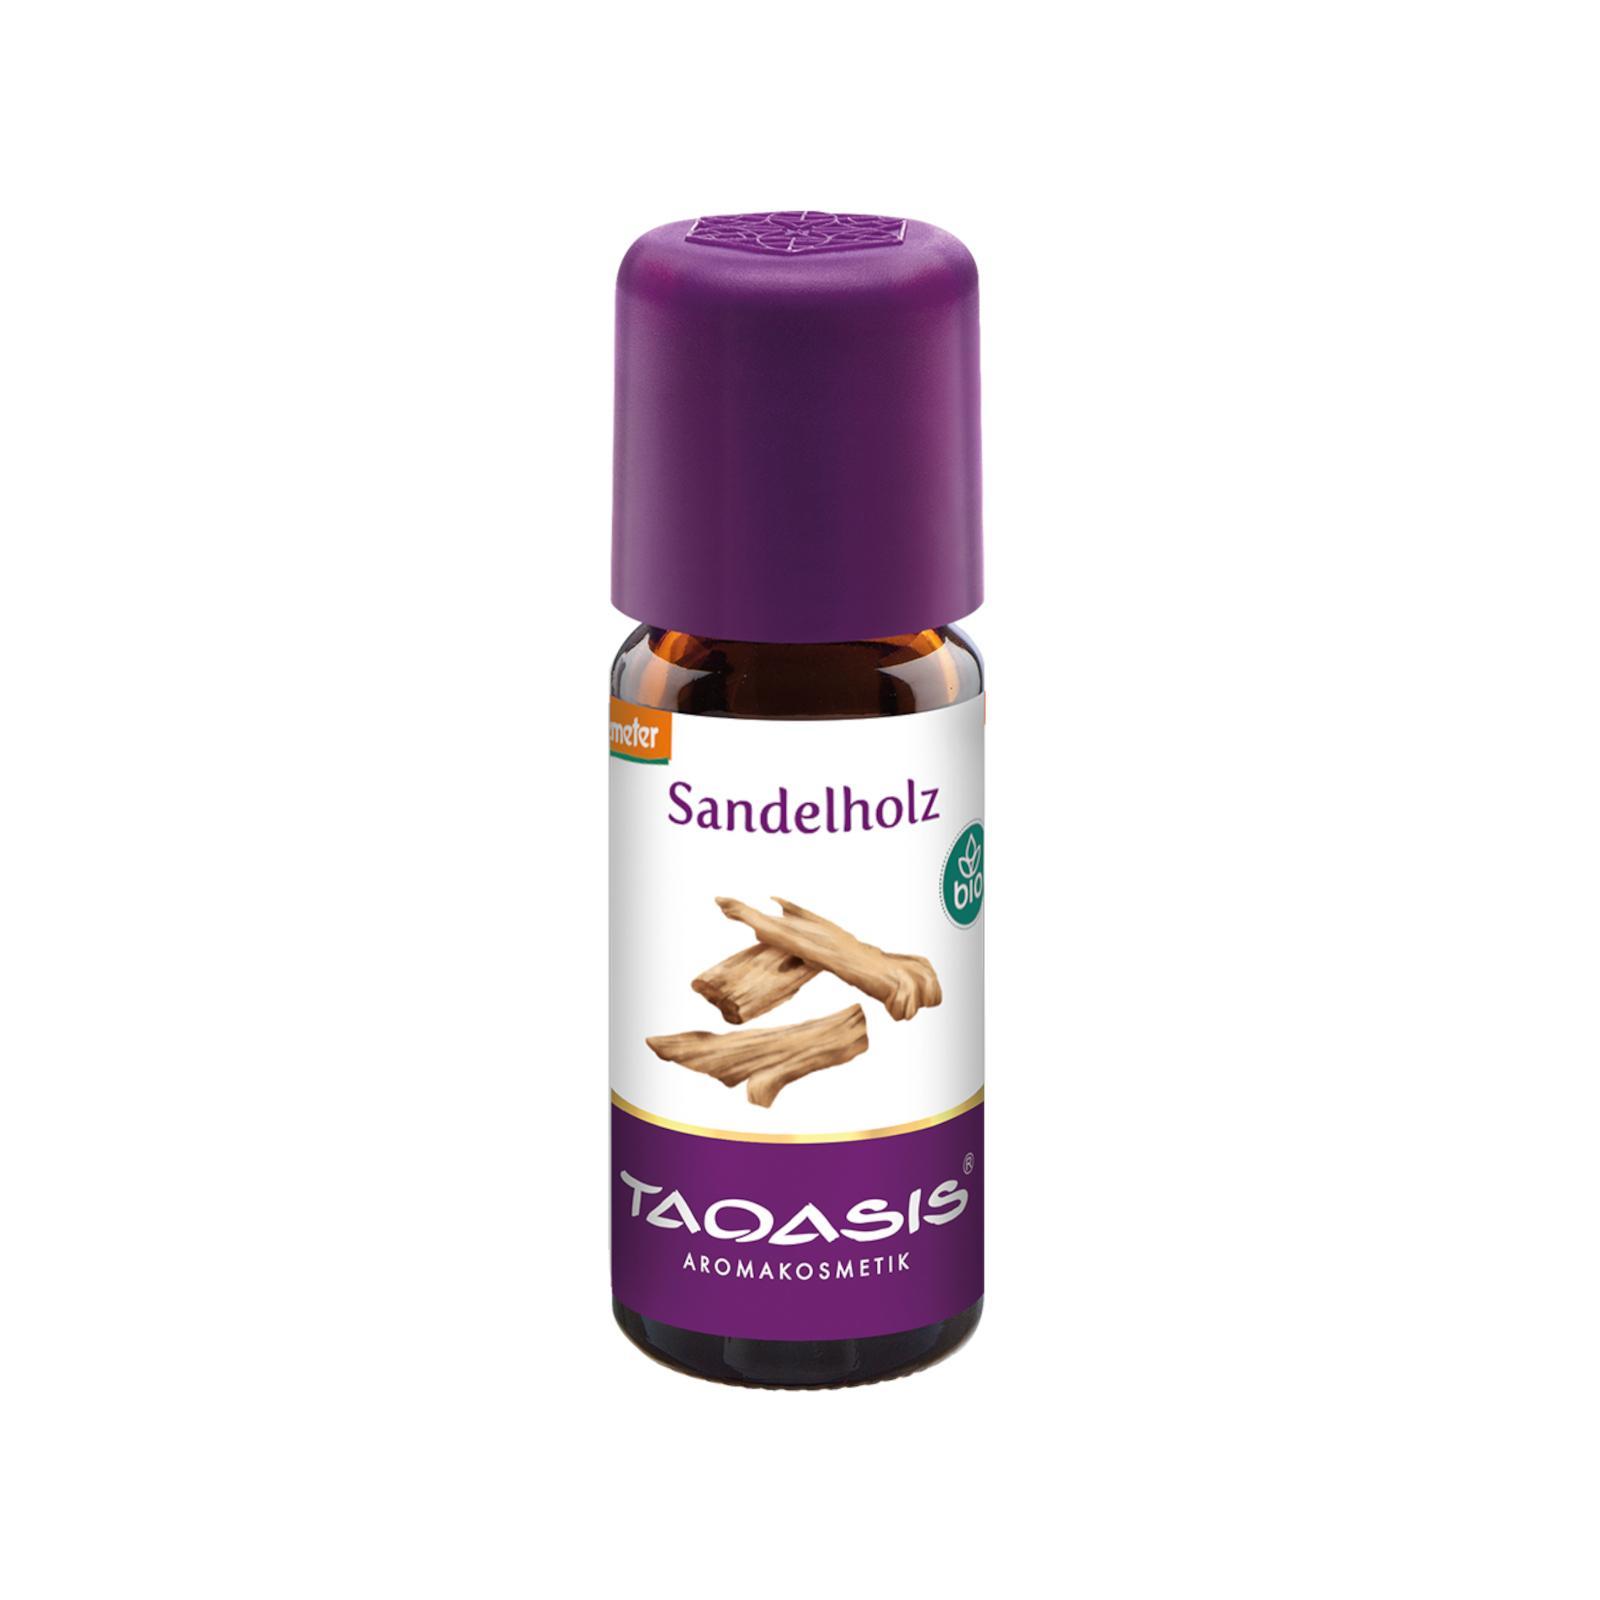 Taoasis Santal v jojobovém oleji, Bio 10 ml